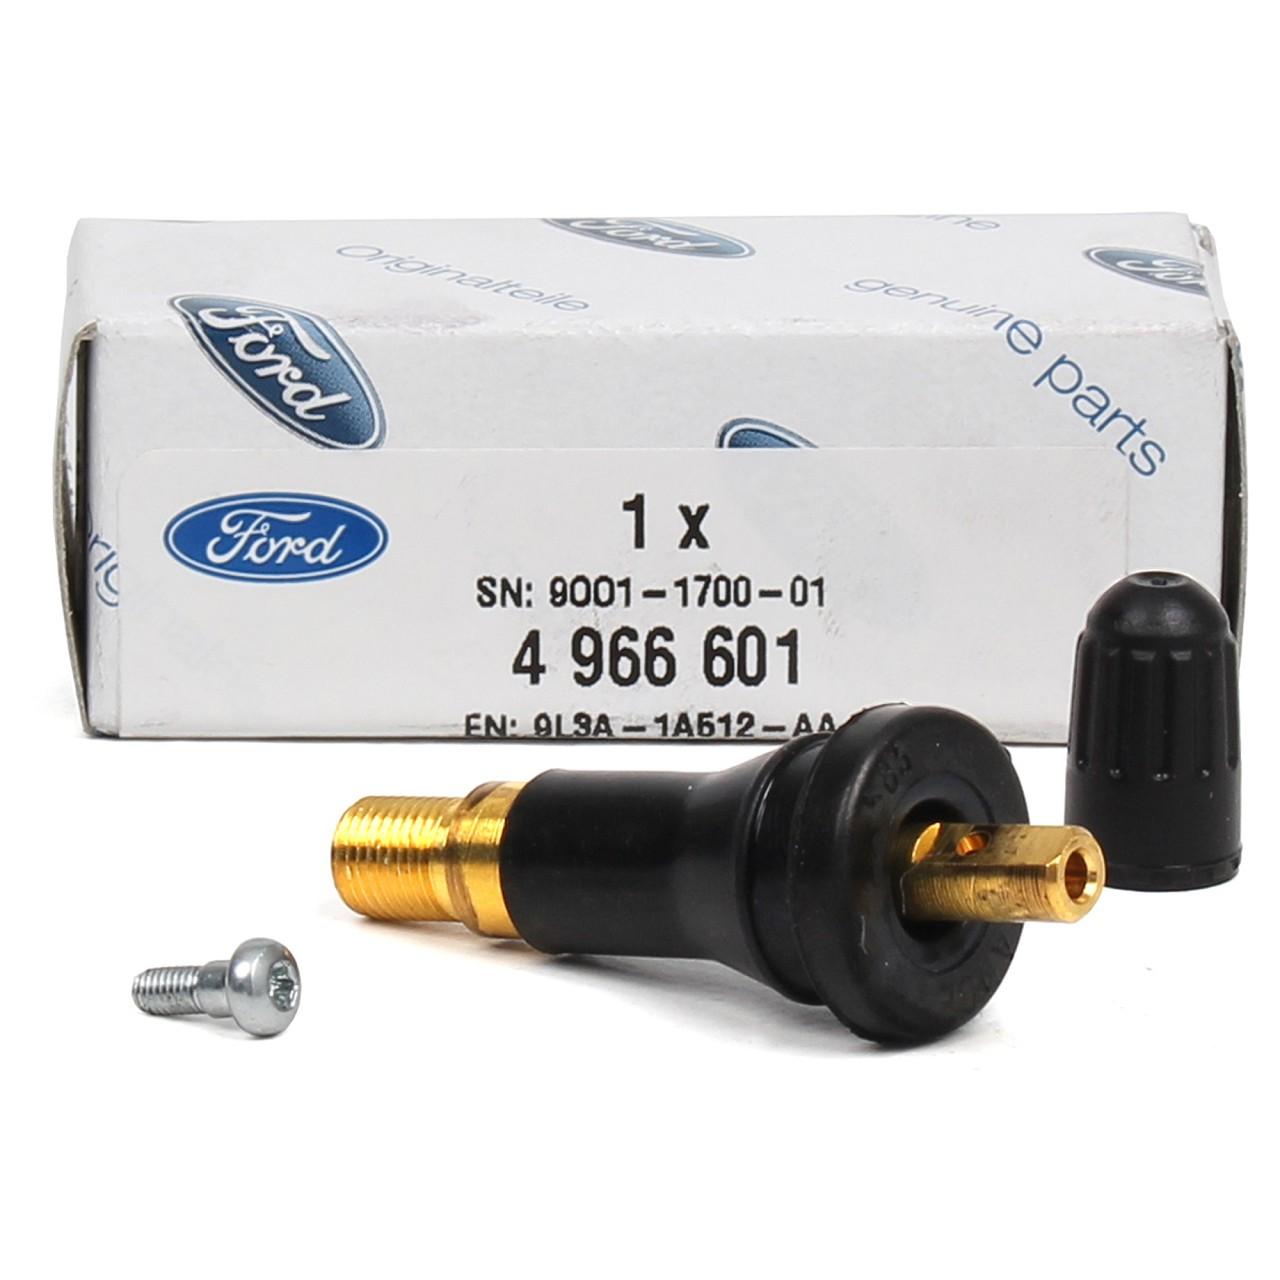 ORIGINAL Ford Reifendruckventil C-MAX II TOURNEO CUSTOM TRANSIT / CUSTOM 4966601